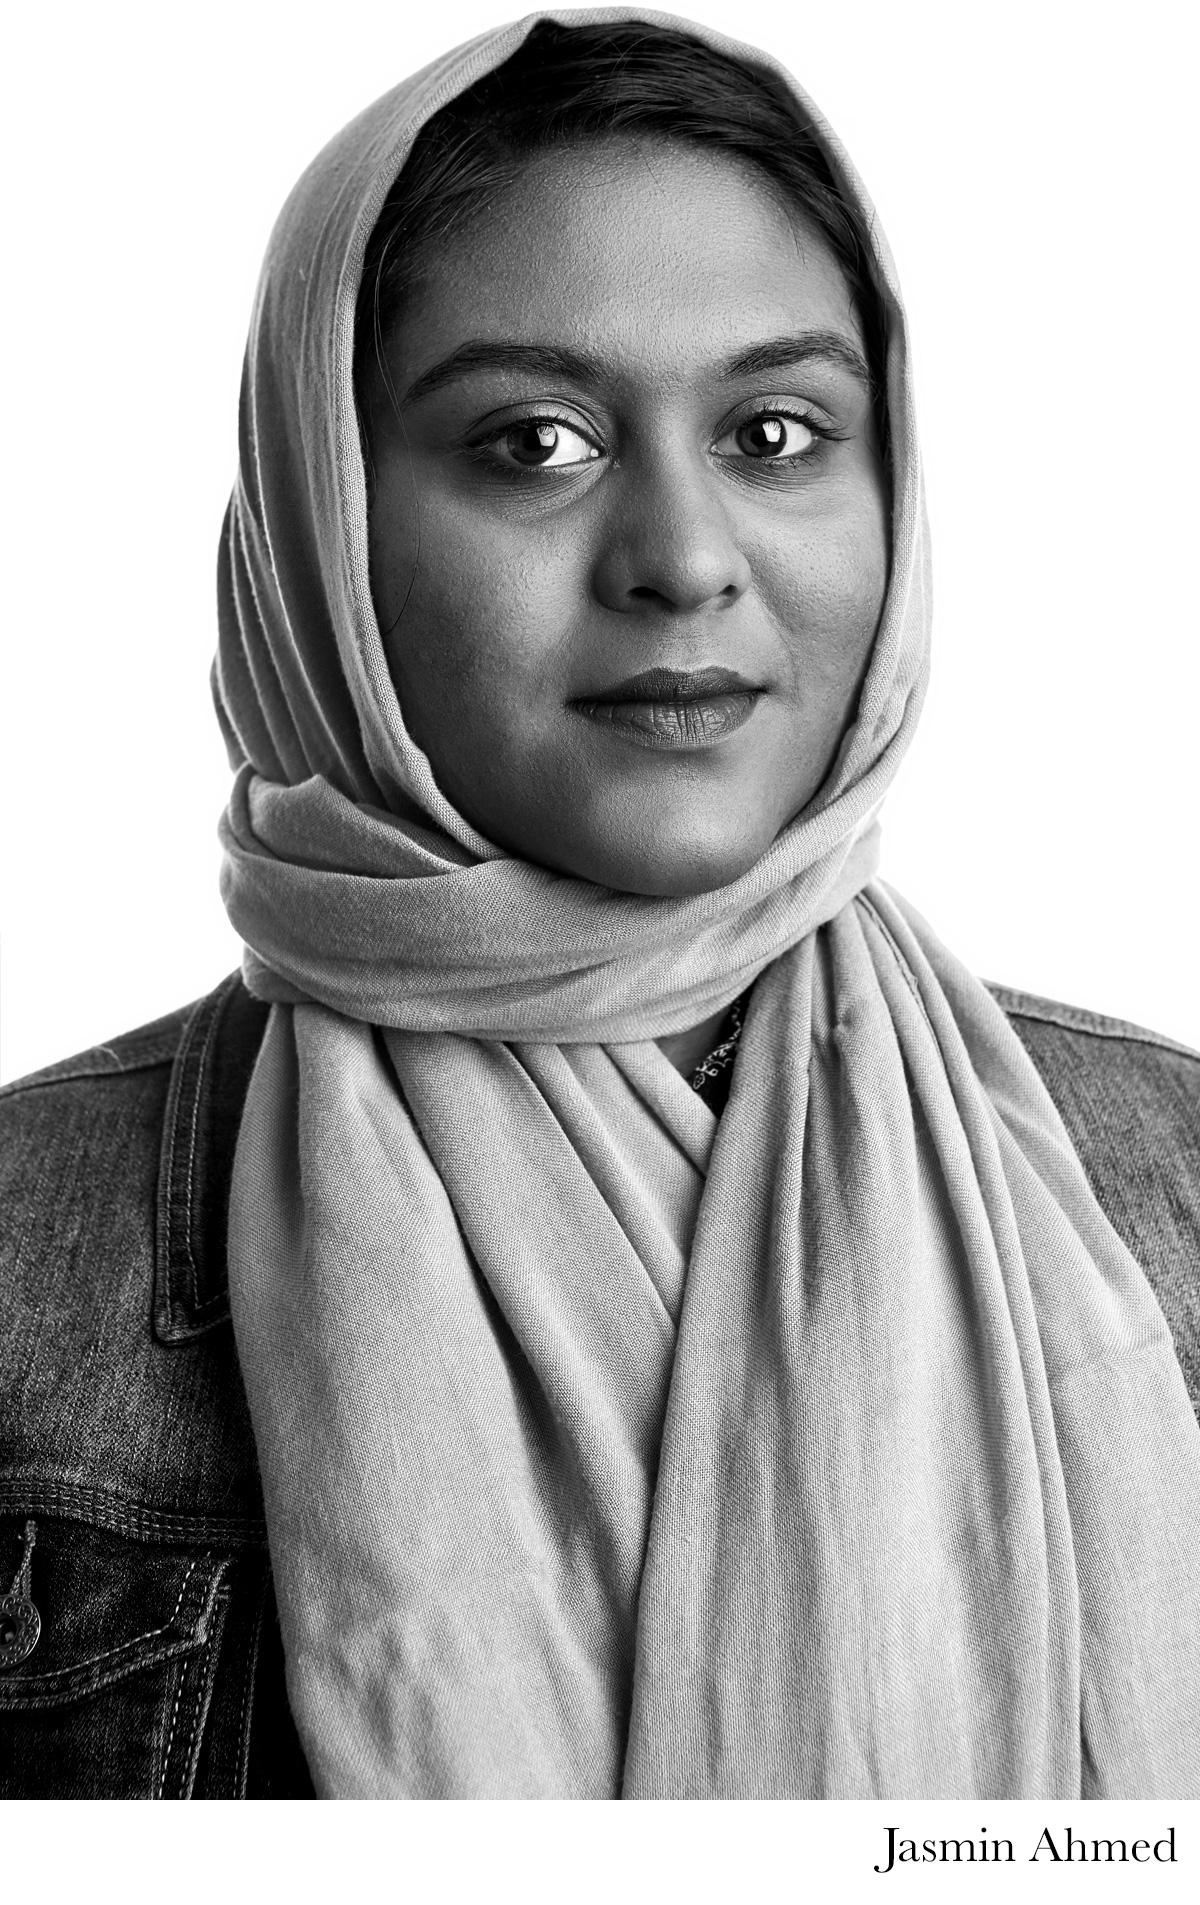 jasmin Ahmed